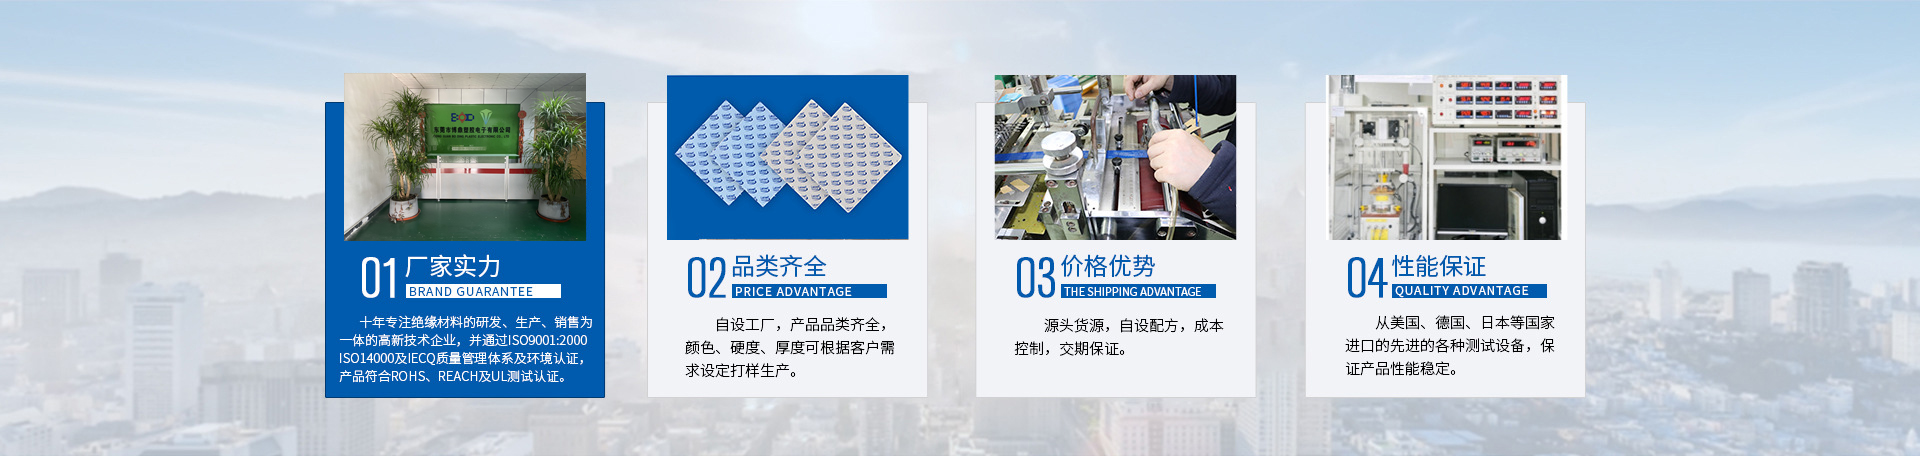 东莞市博鼎塑胶电子有限公司